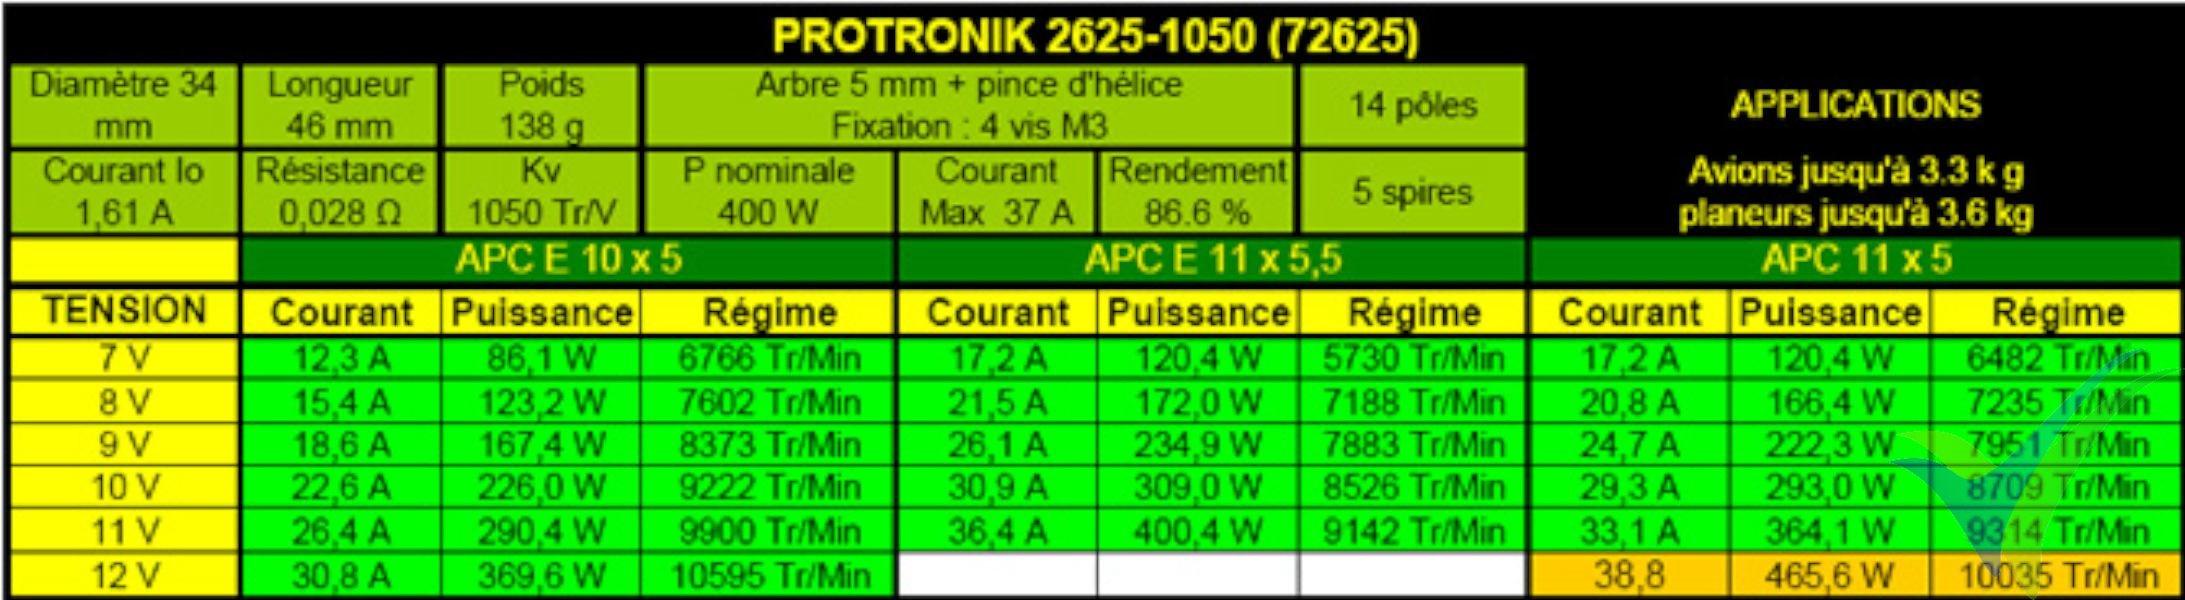 Tabla de datos técnicos del motor Pro-Tronik / Motrolfly DM 2625-1050